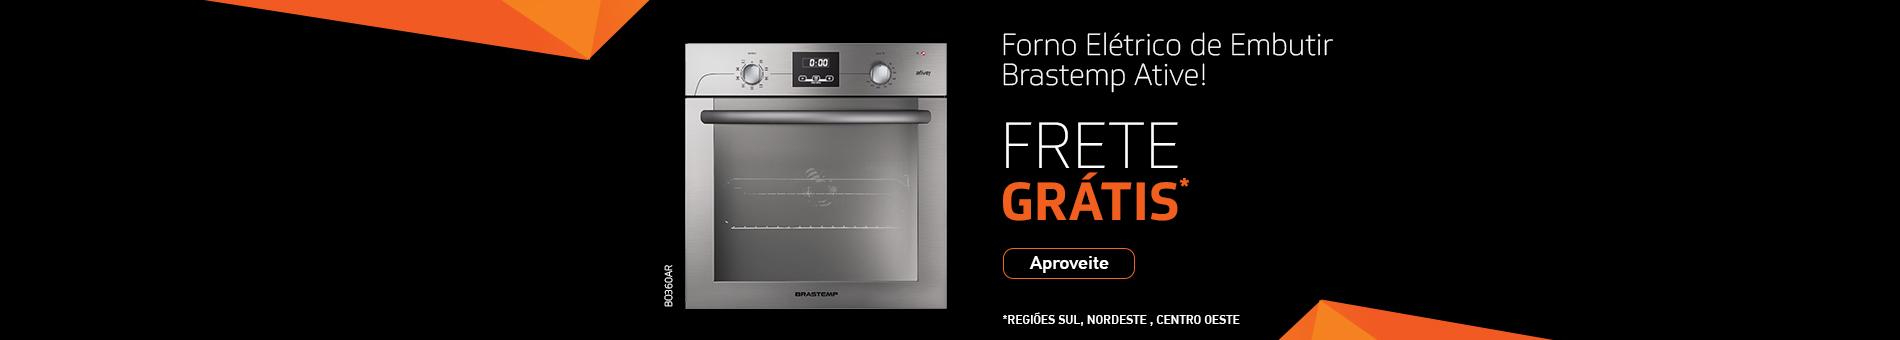 Promoção Interna - 387 - FreteGratis_BO360AR_home_6052016 - BO360AR - 4